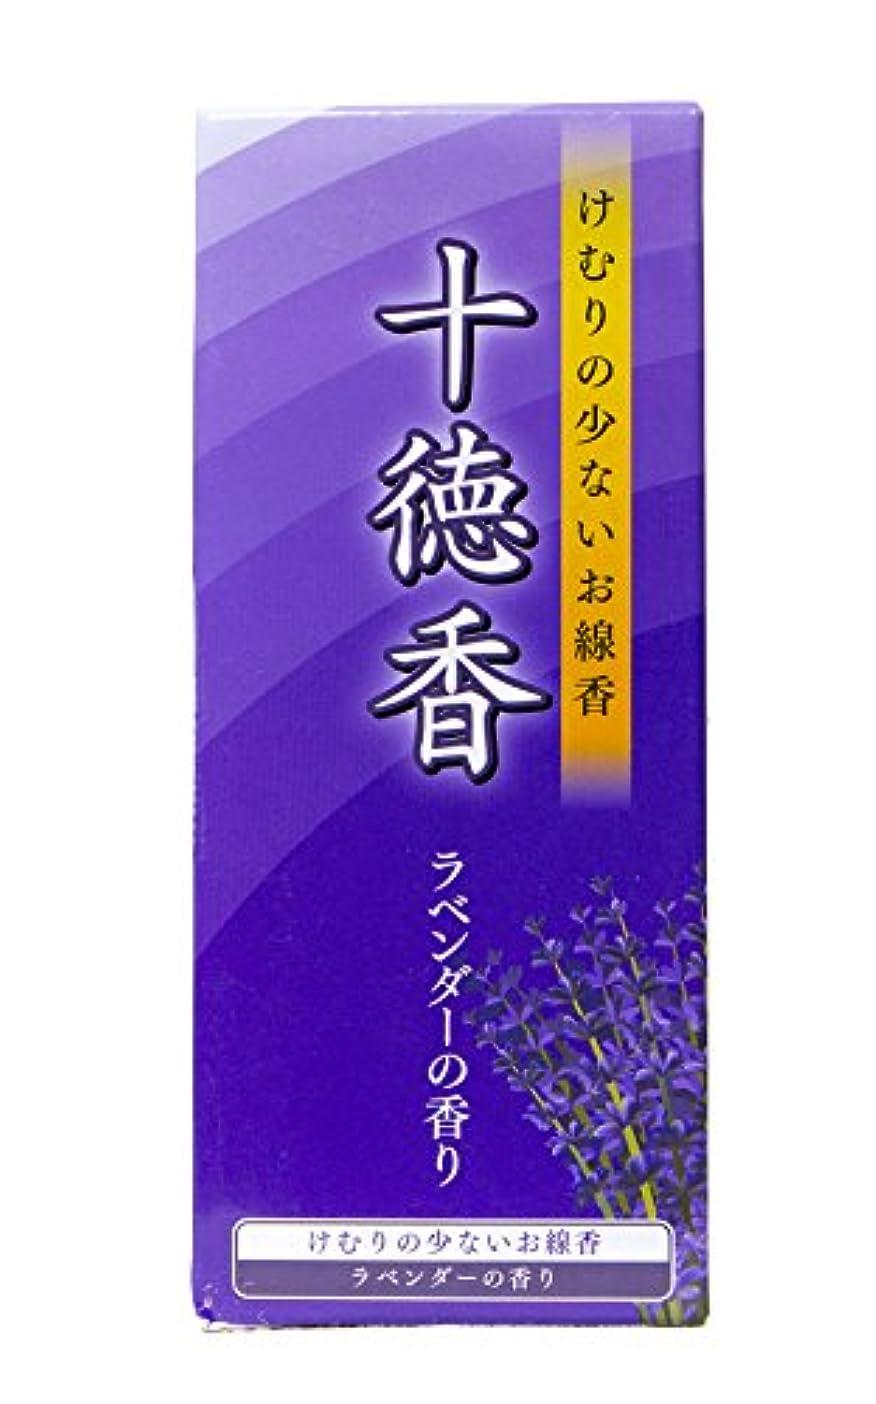 チャネルストリップ散文Japaneseラベンダーお香200 Sticks